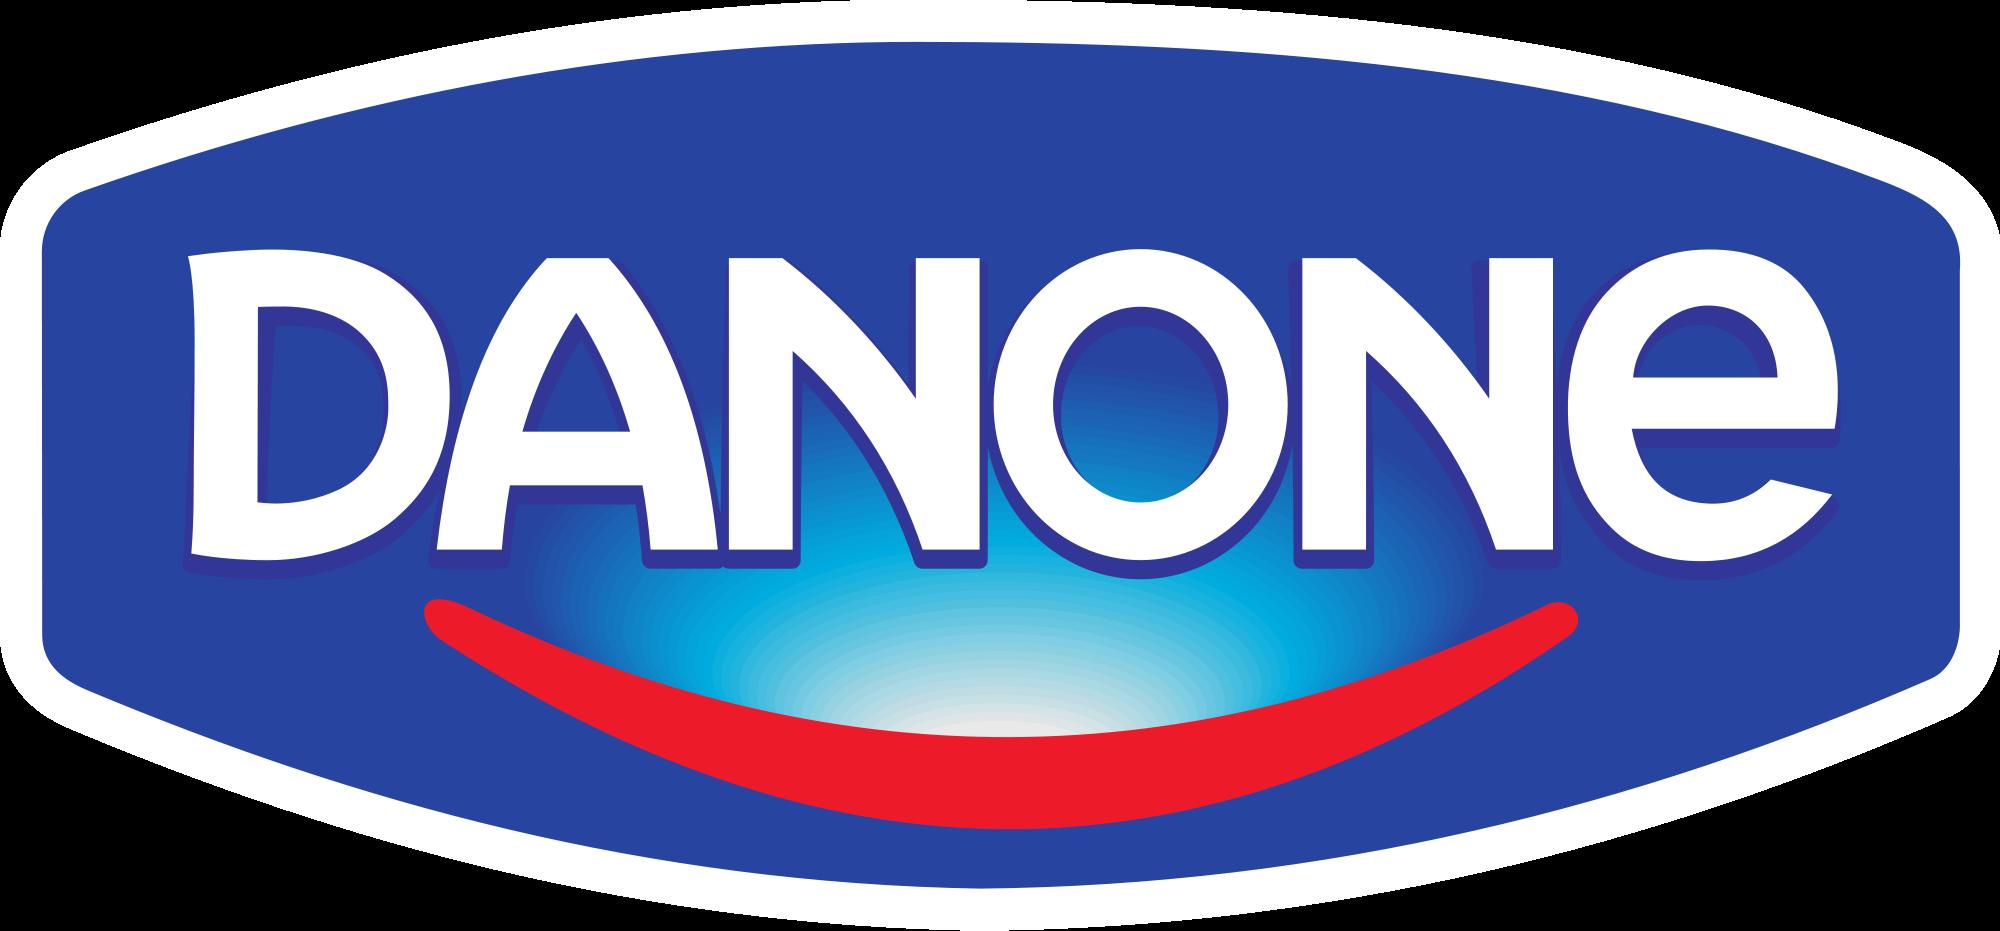 Danone critica falta de lineares para promover inovação